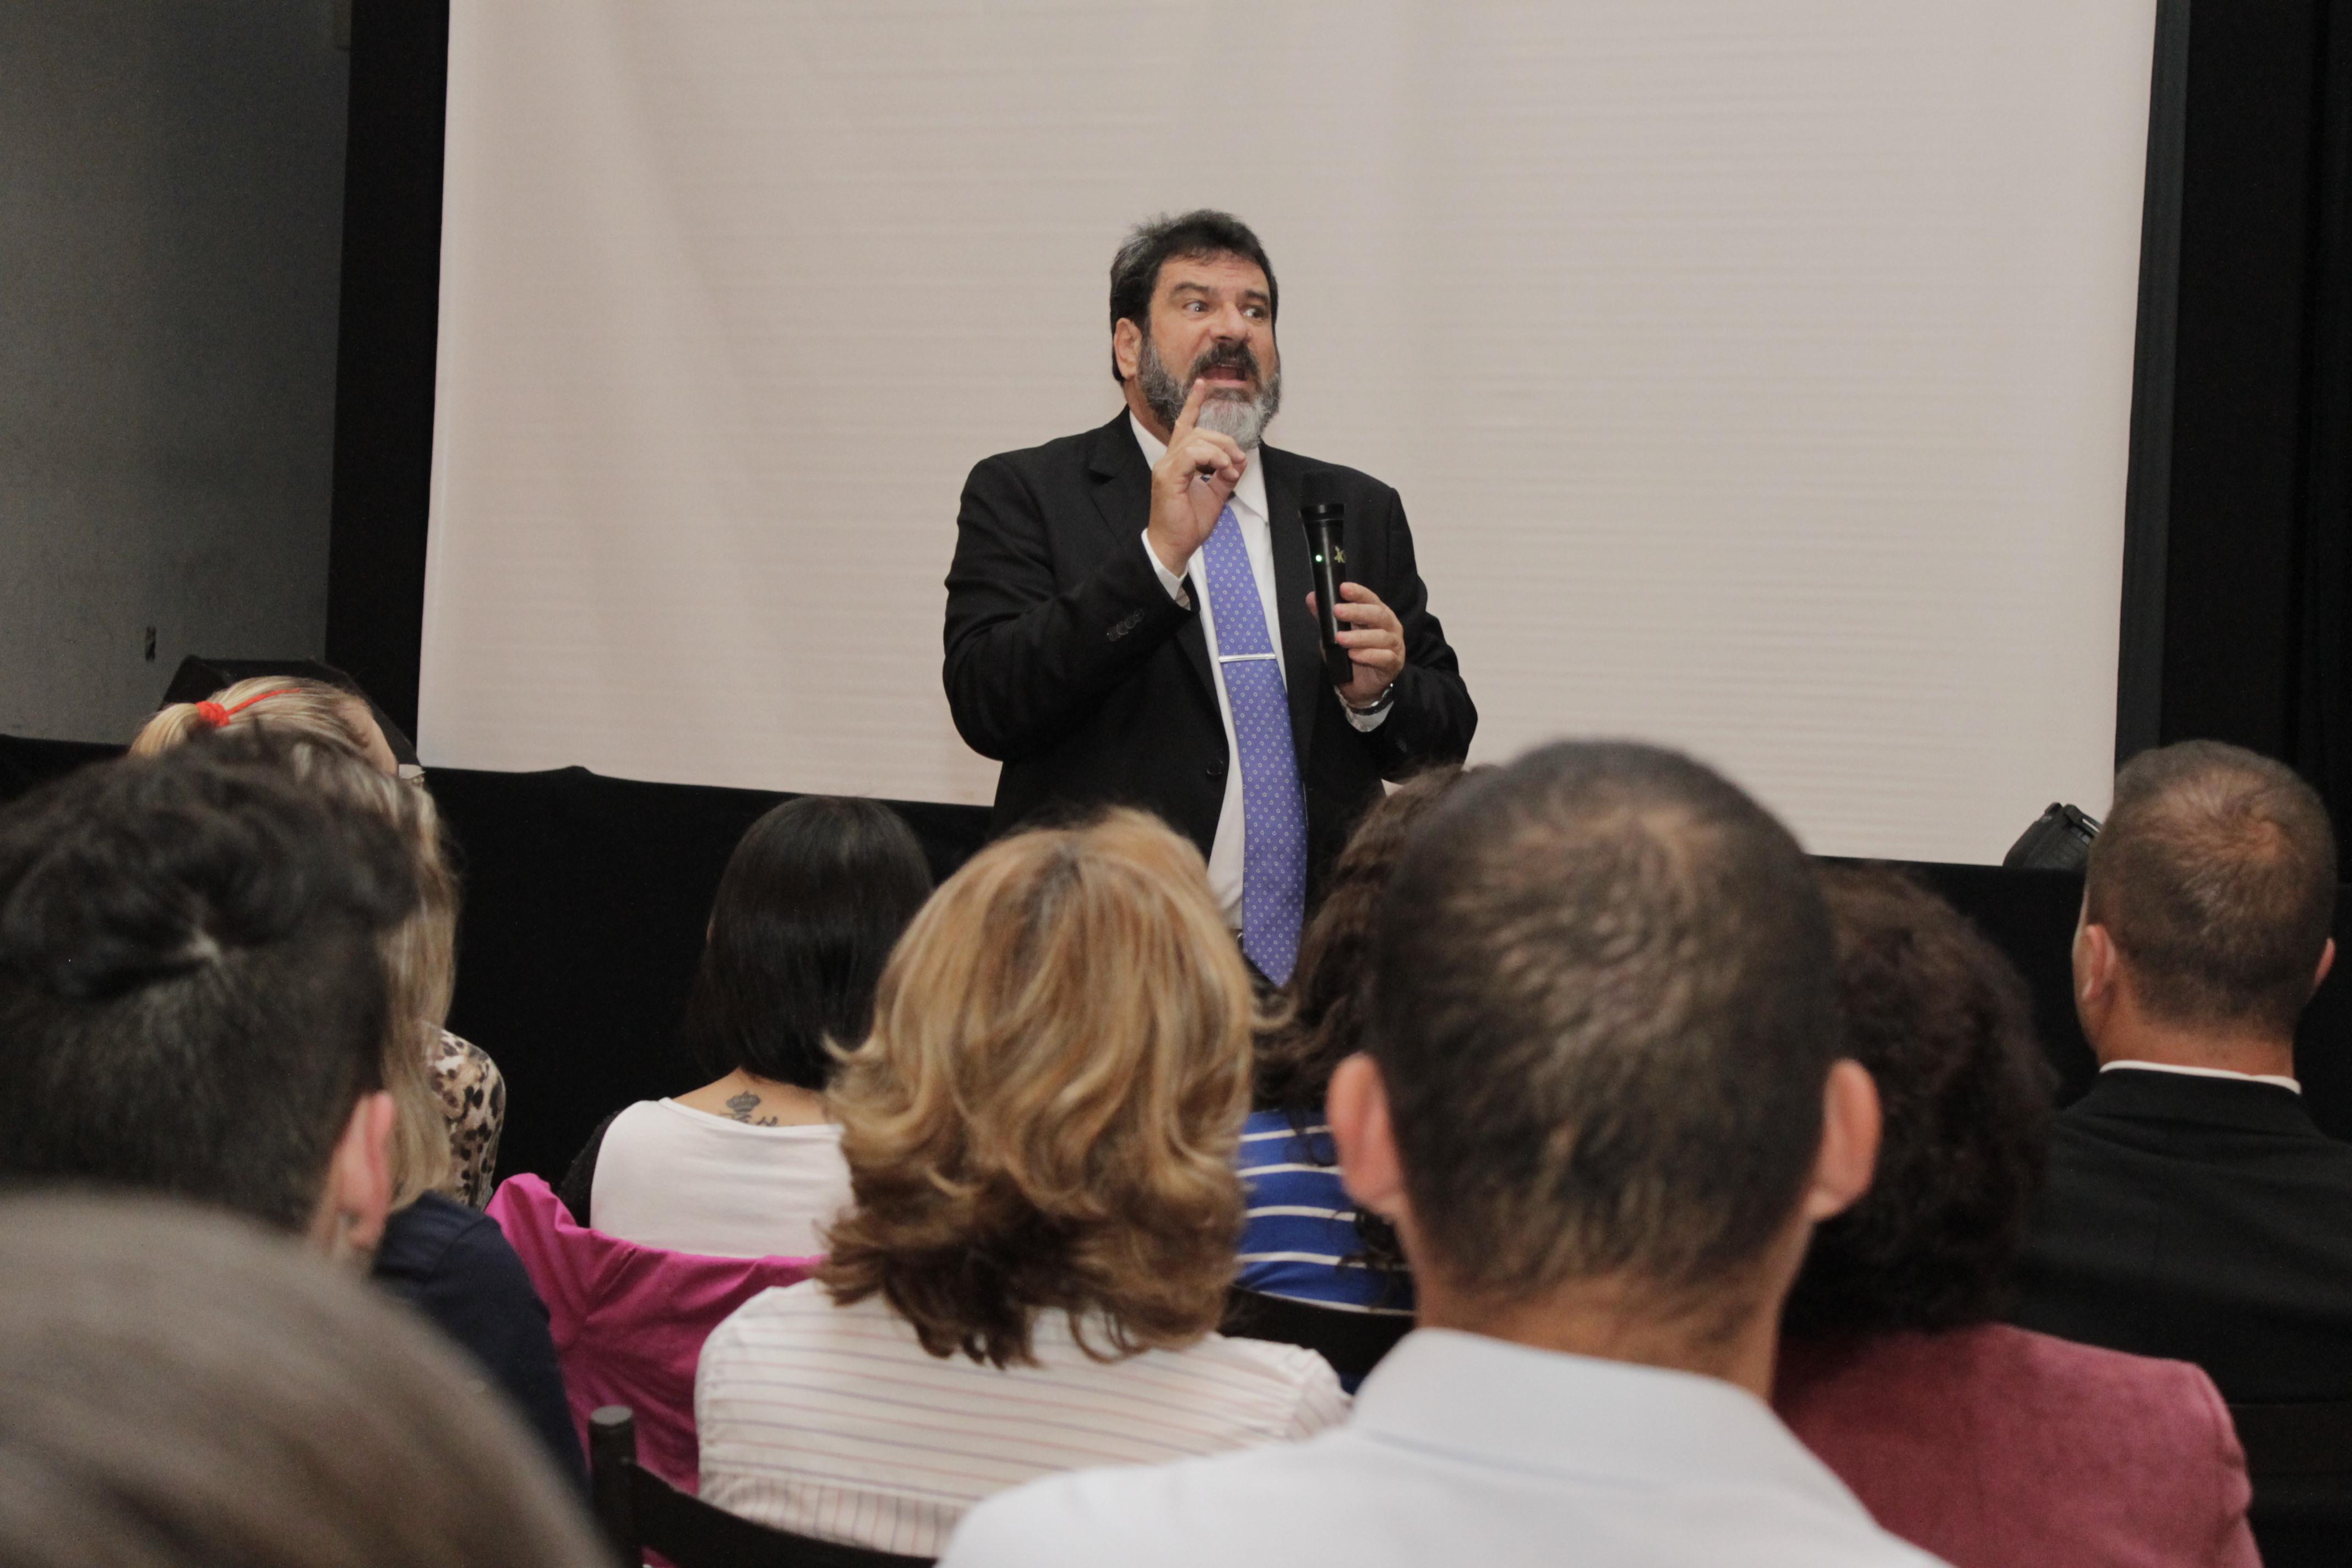 Mario Sergio Cortella palestra sobre ética e vergonha na cara